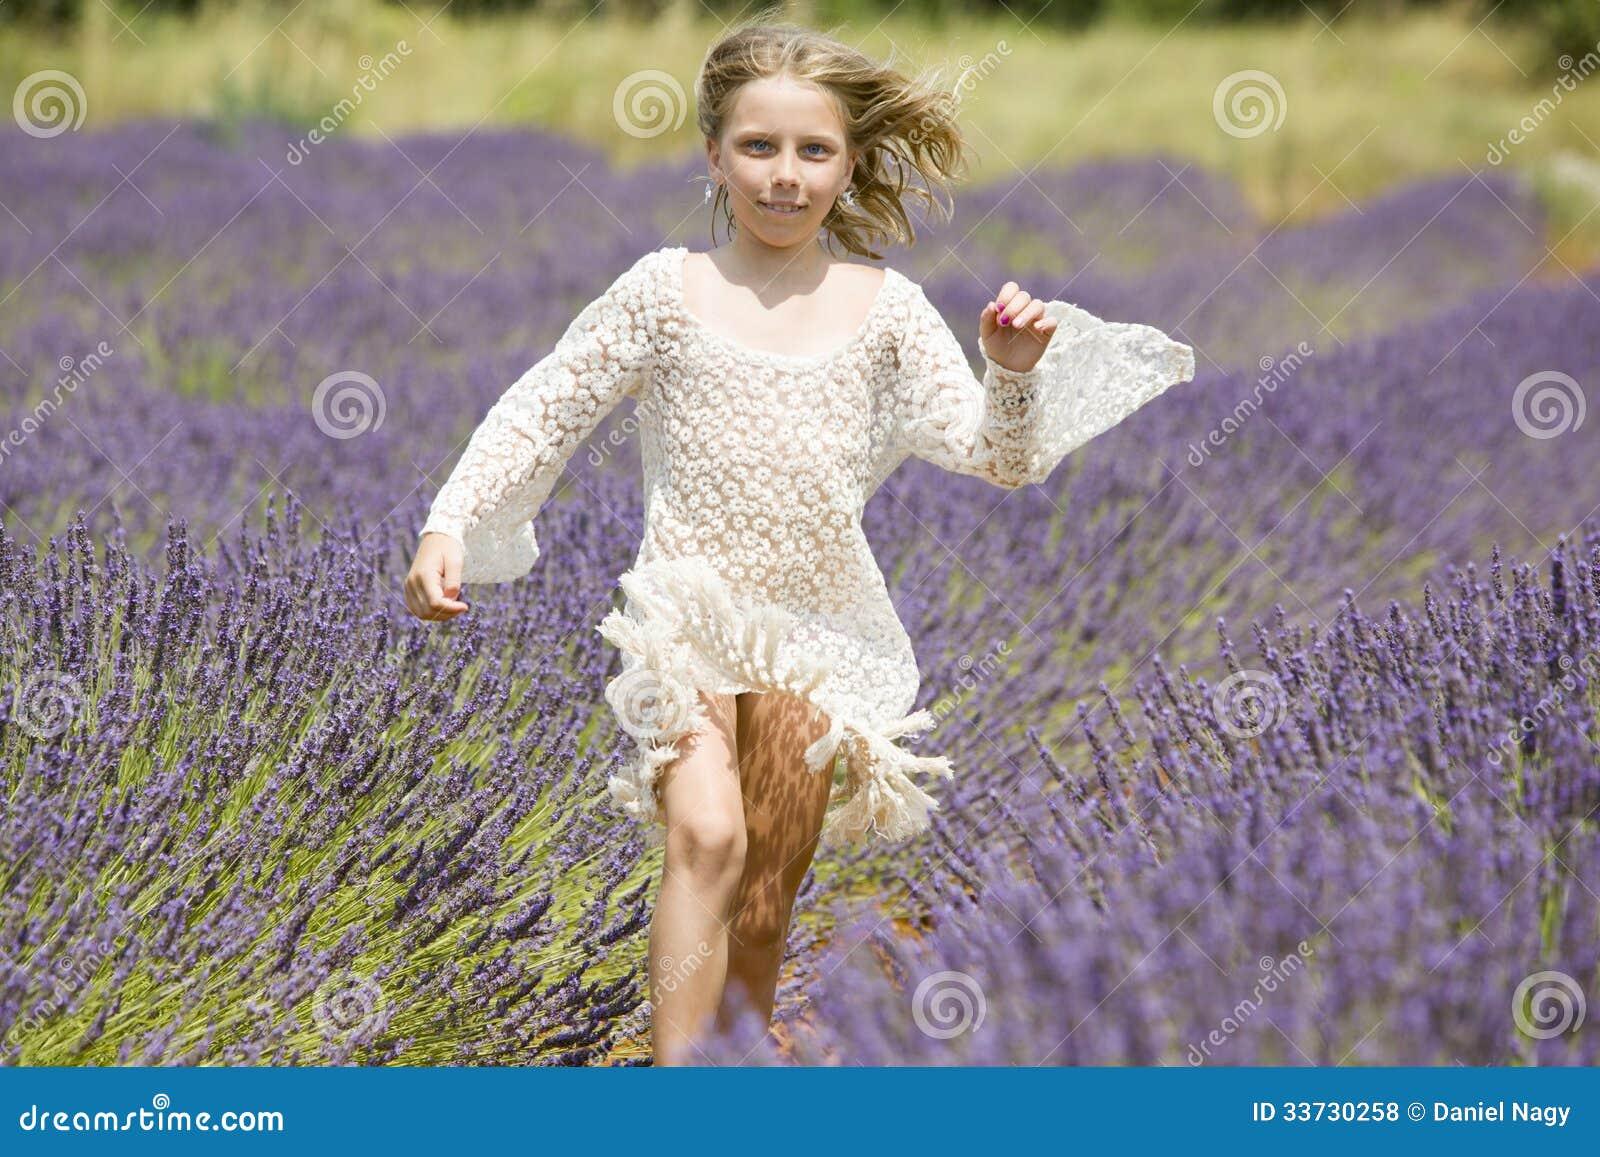 Бега маленькой девочки в фиолетовом поле лаванды